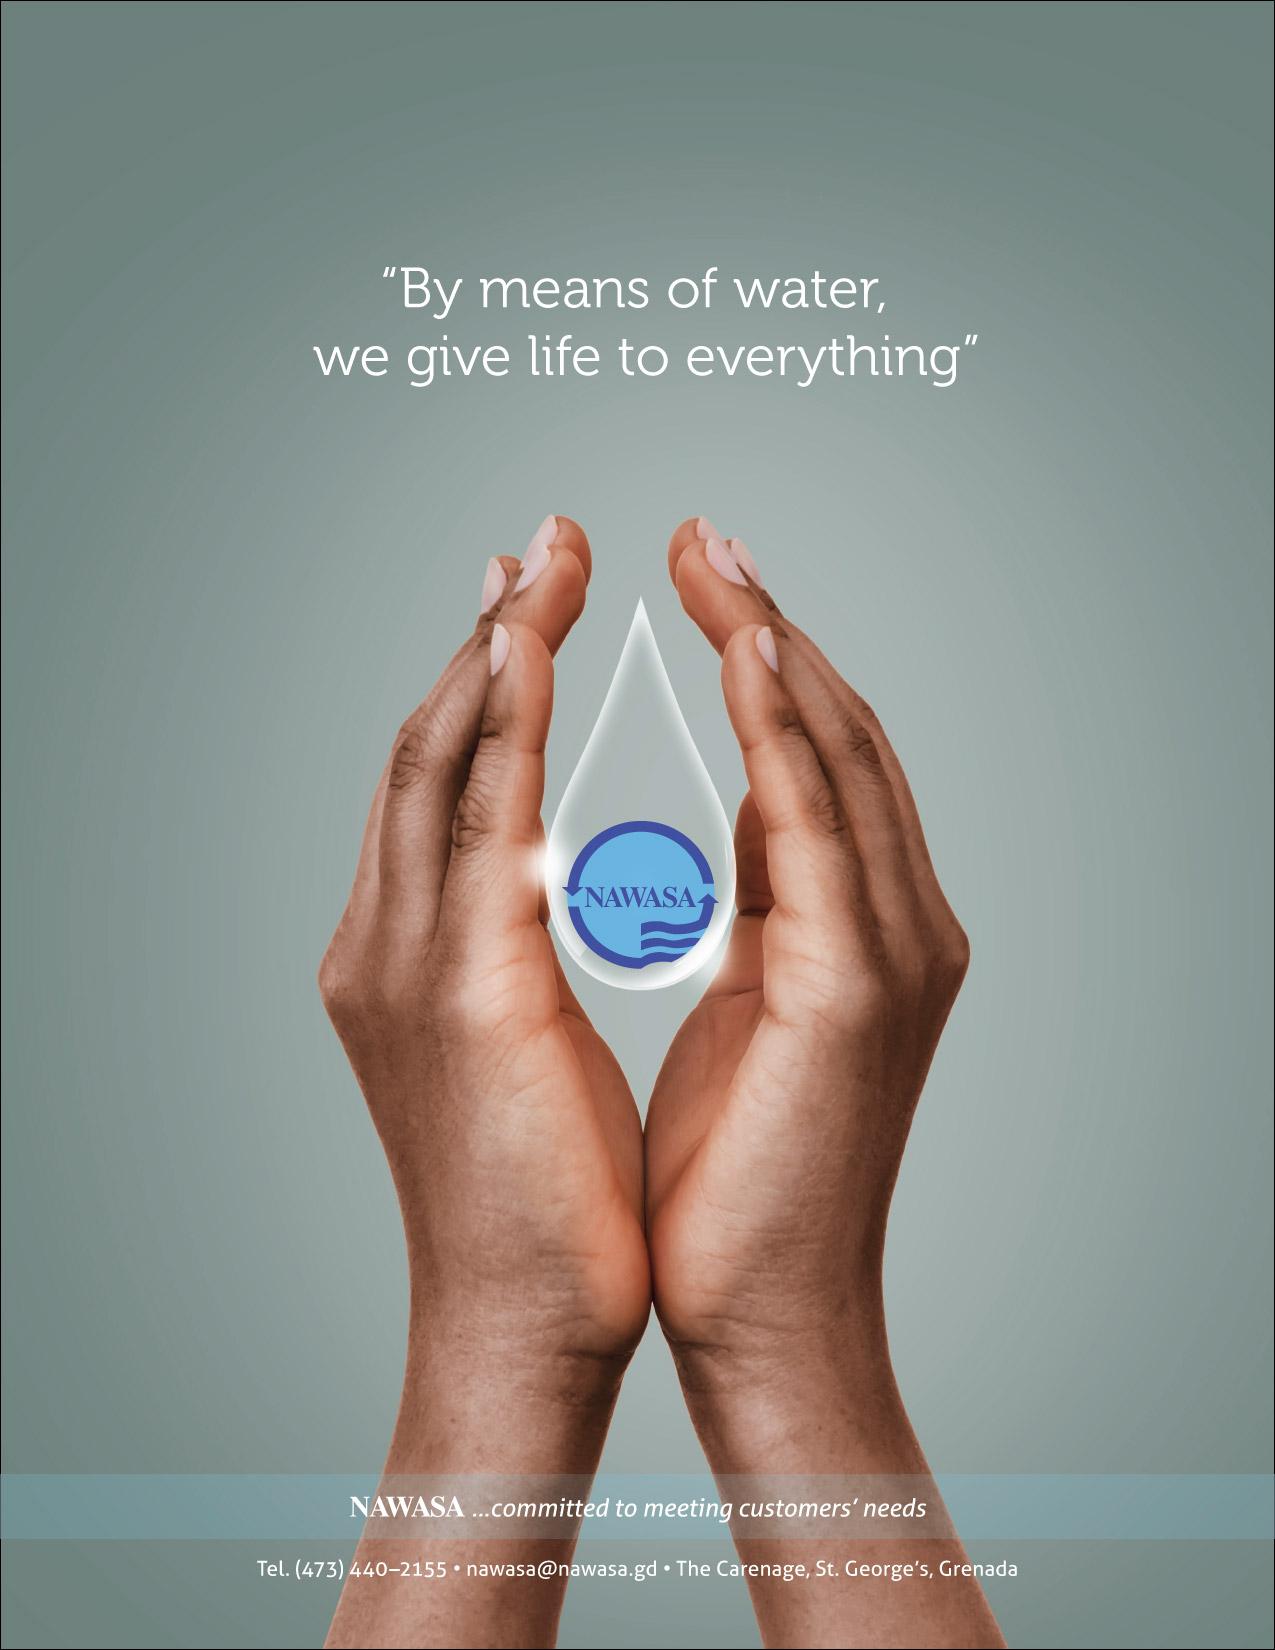 NAWASA corporate ad